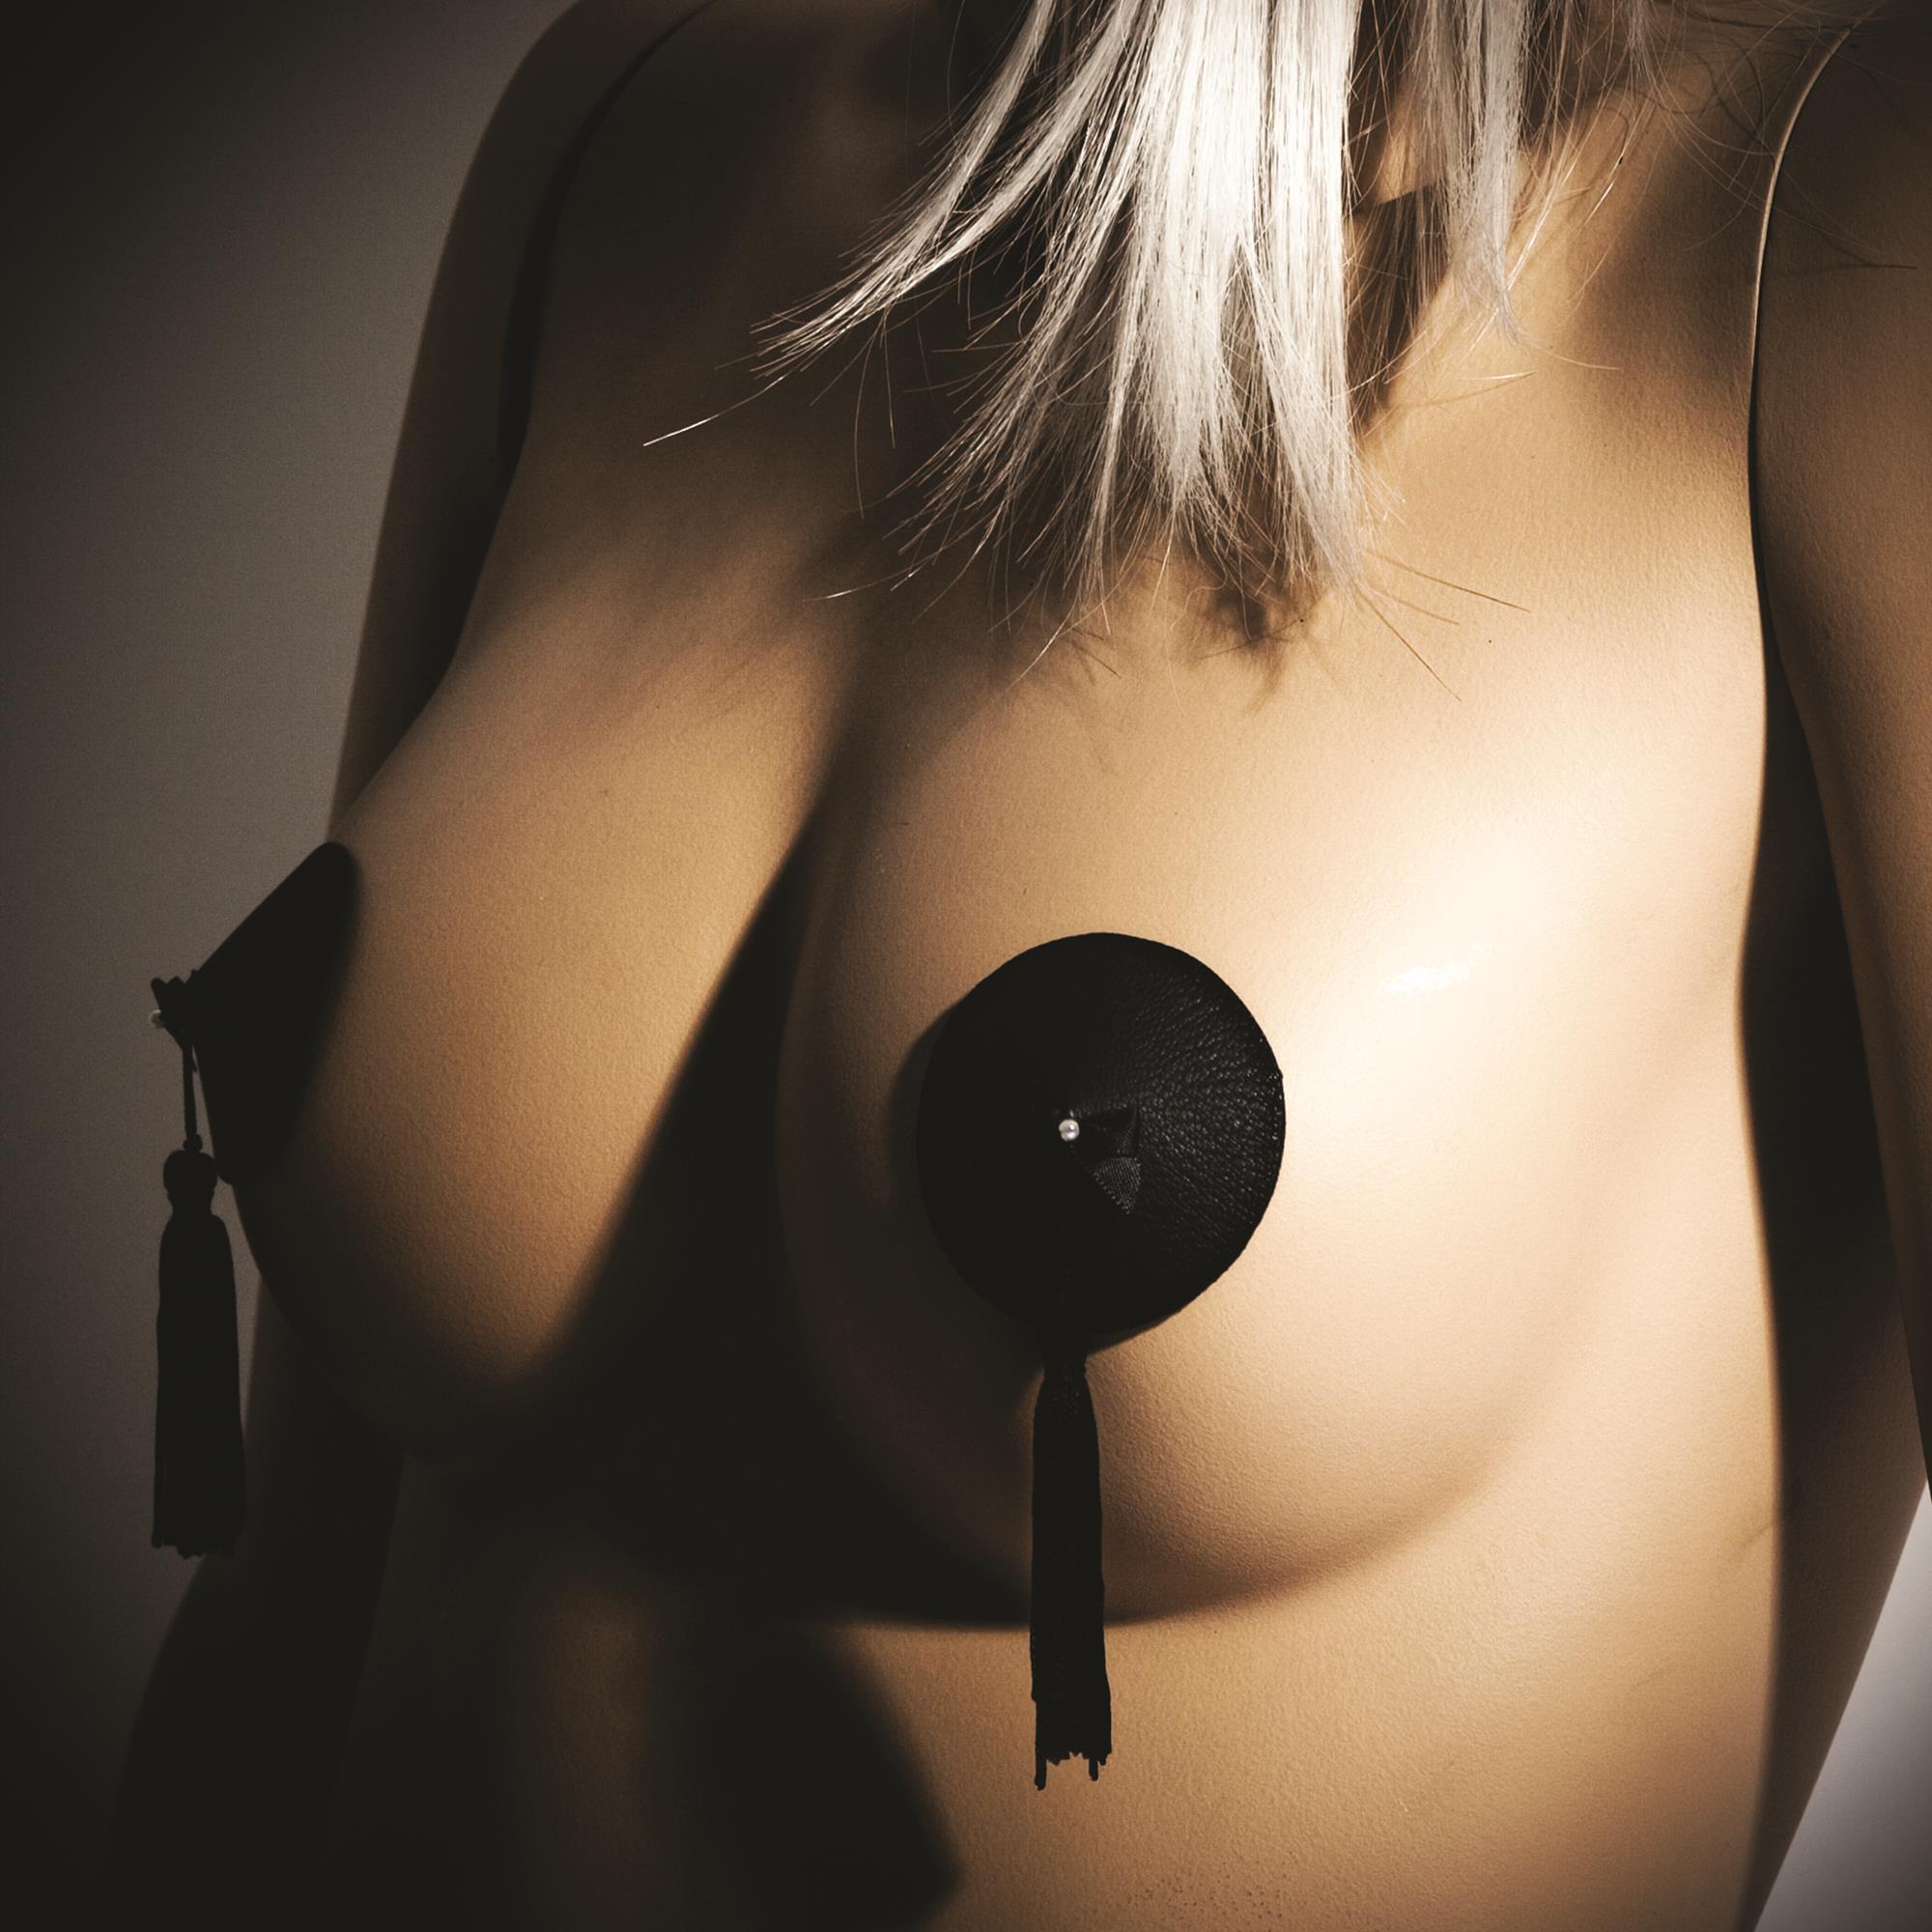 Bijoux Indiscrets Burlesque Pasties Black